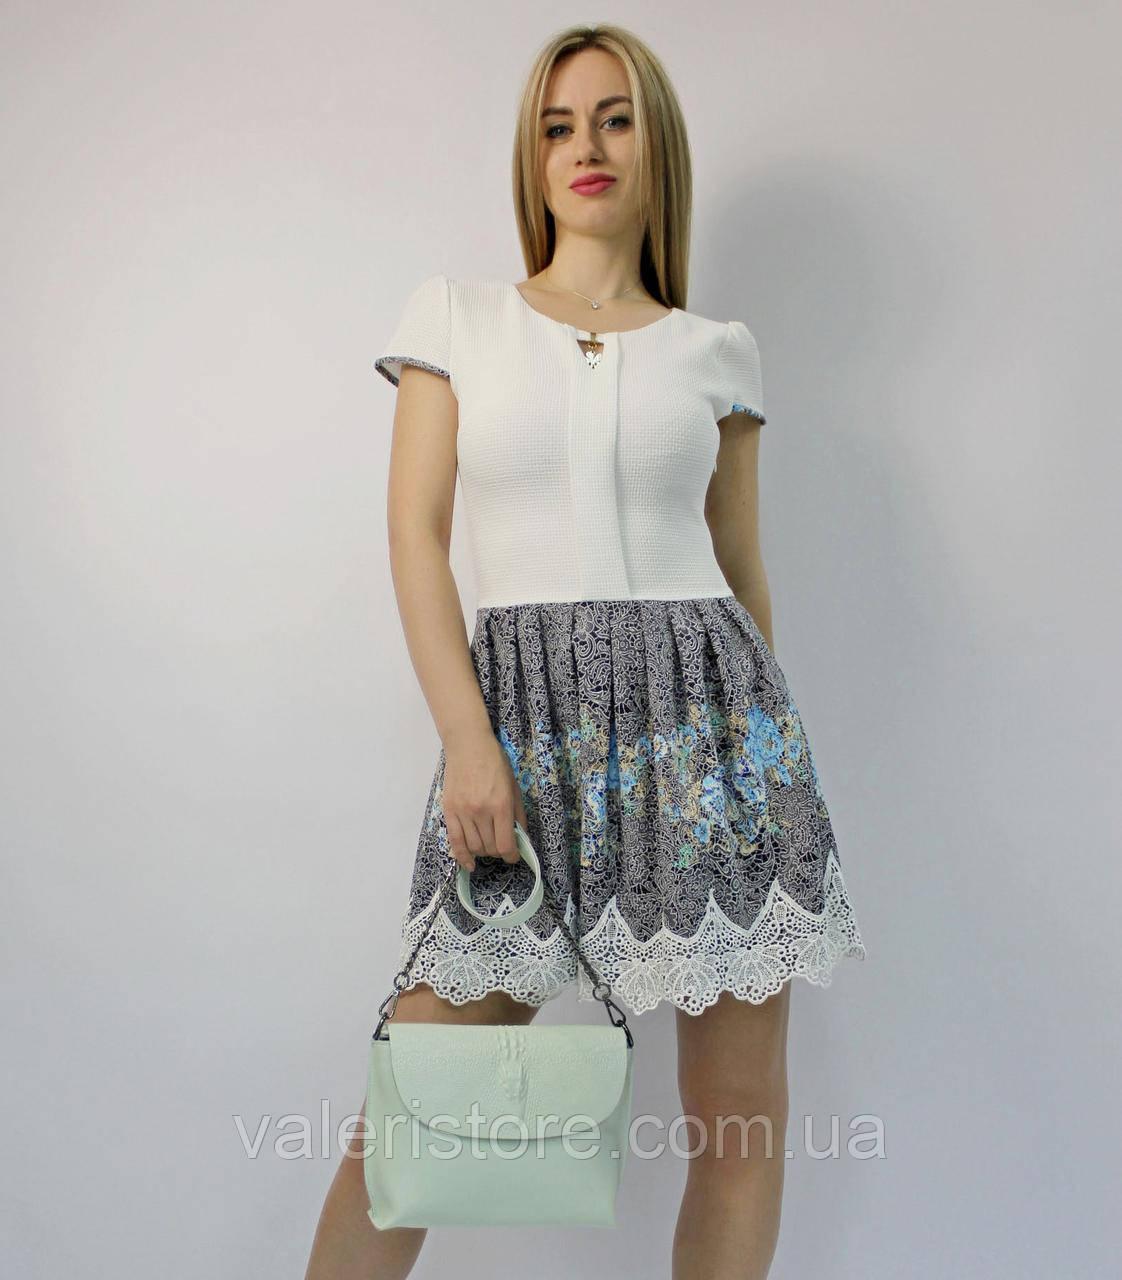 """Мини платье """"беби долл"""" молодежное с белым кружевом коктейльное нарядное вечернее на выпускной на свадьбу"""